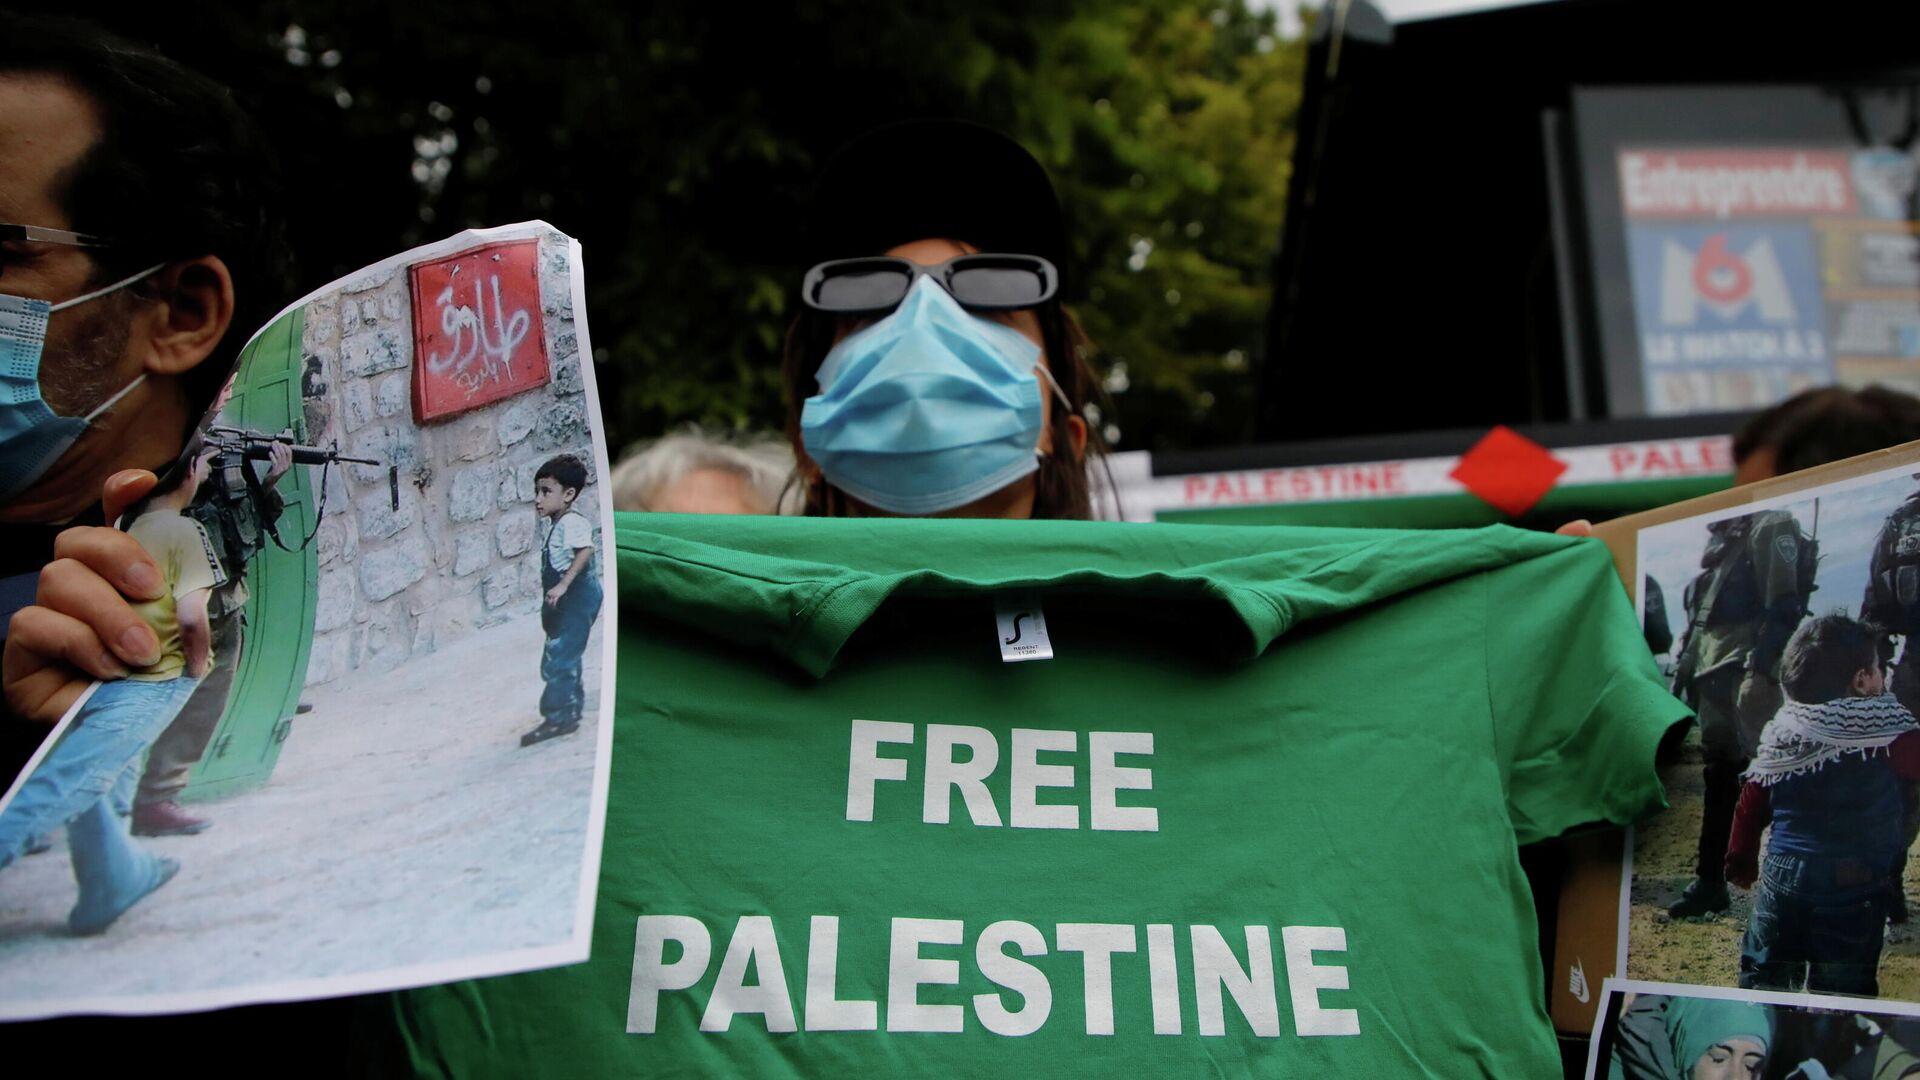 Manifestaciones a favor de Palestina (imagen referencial) - Sputnik Mundo, 1920, 19.05.2021